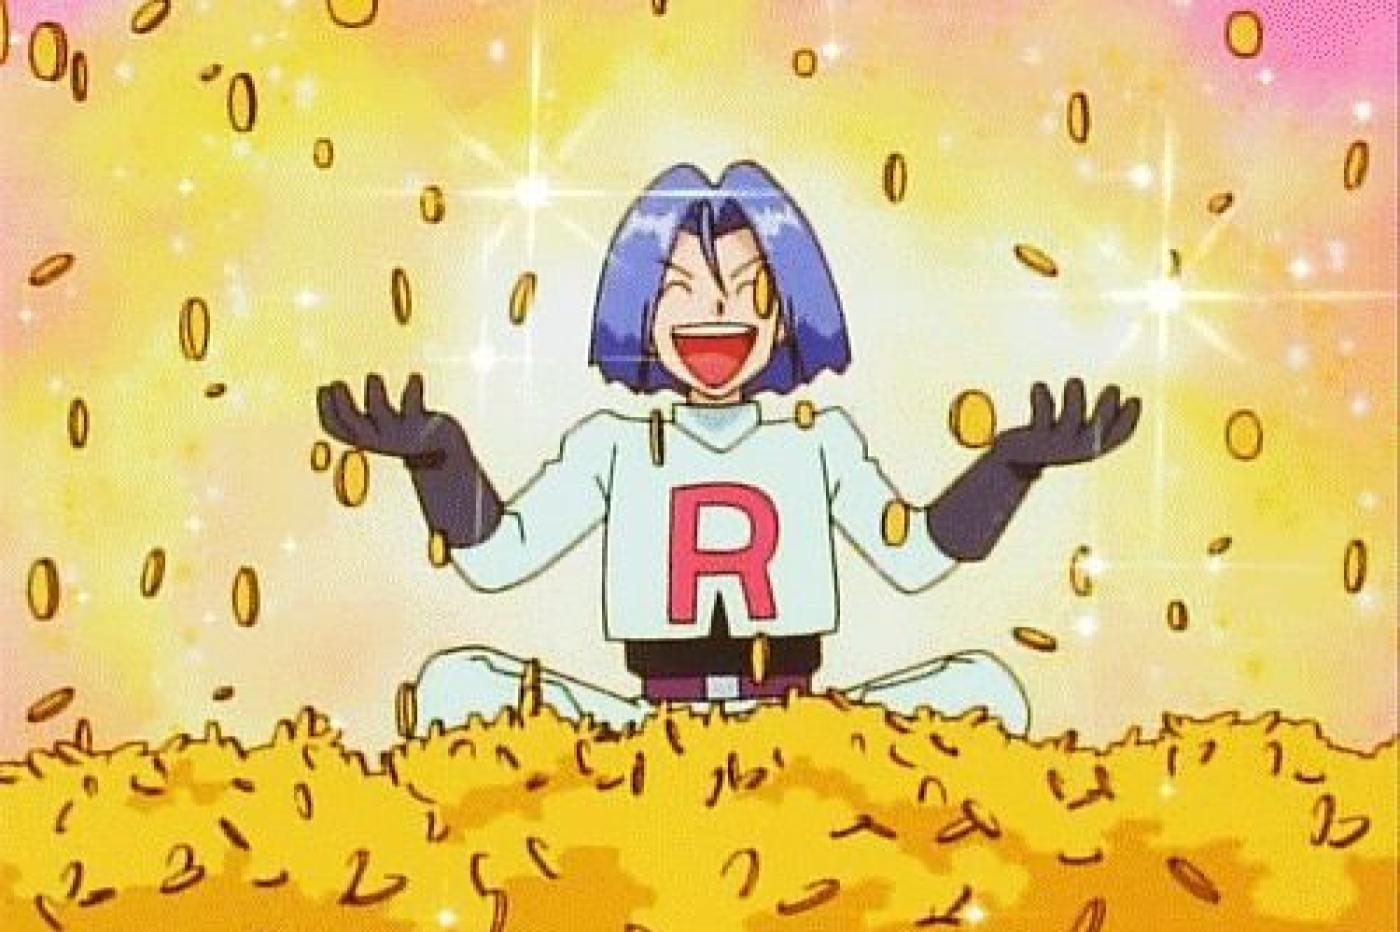 James riche dans Pokémon l'anime